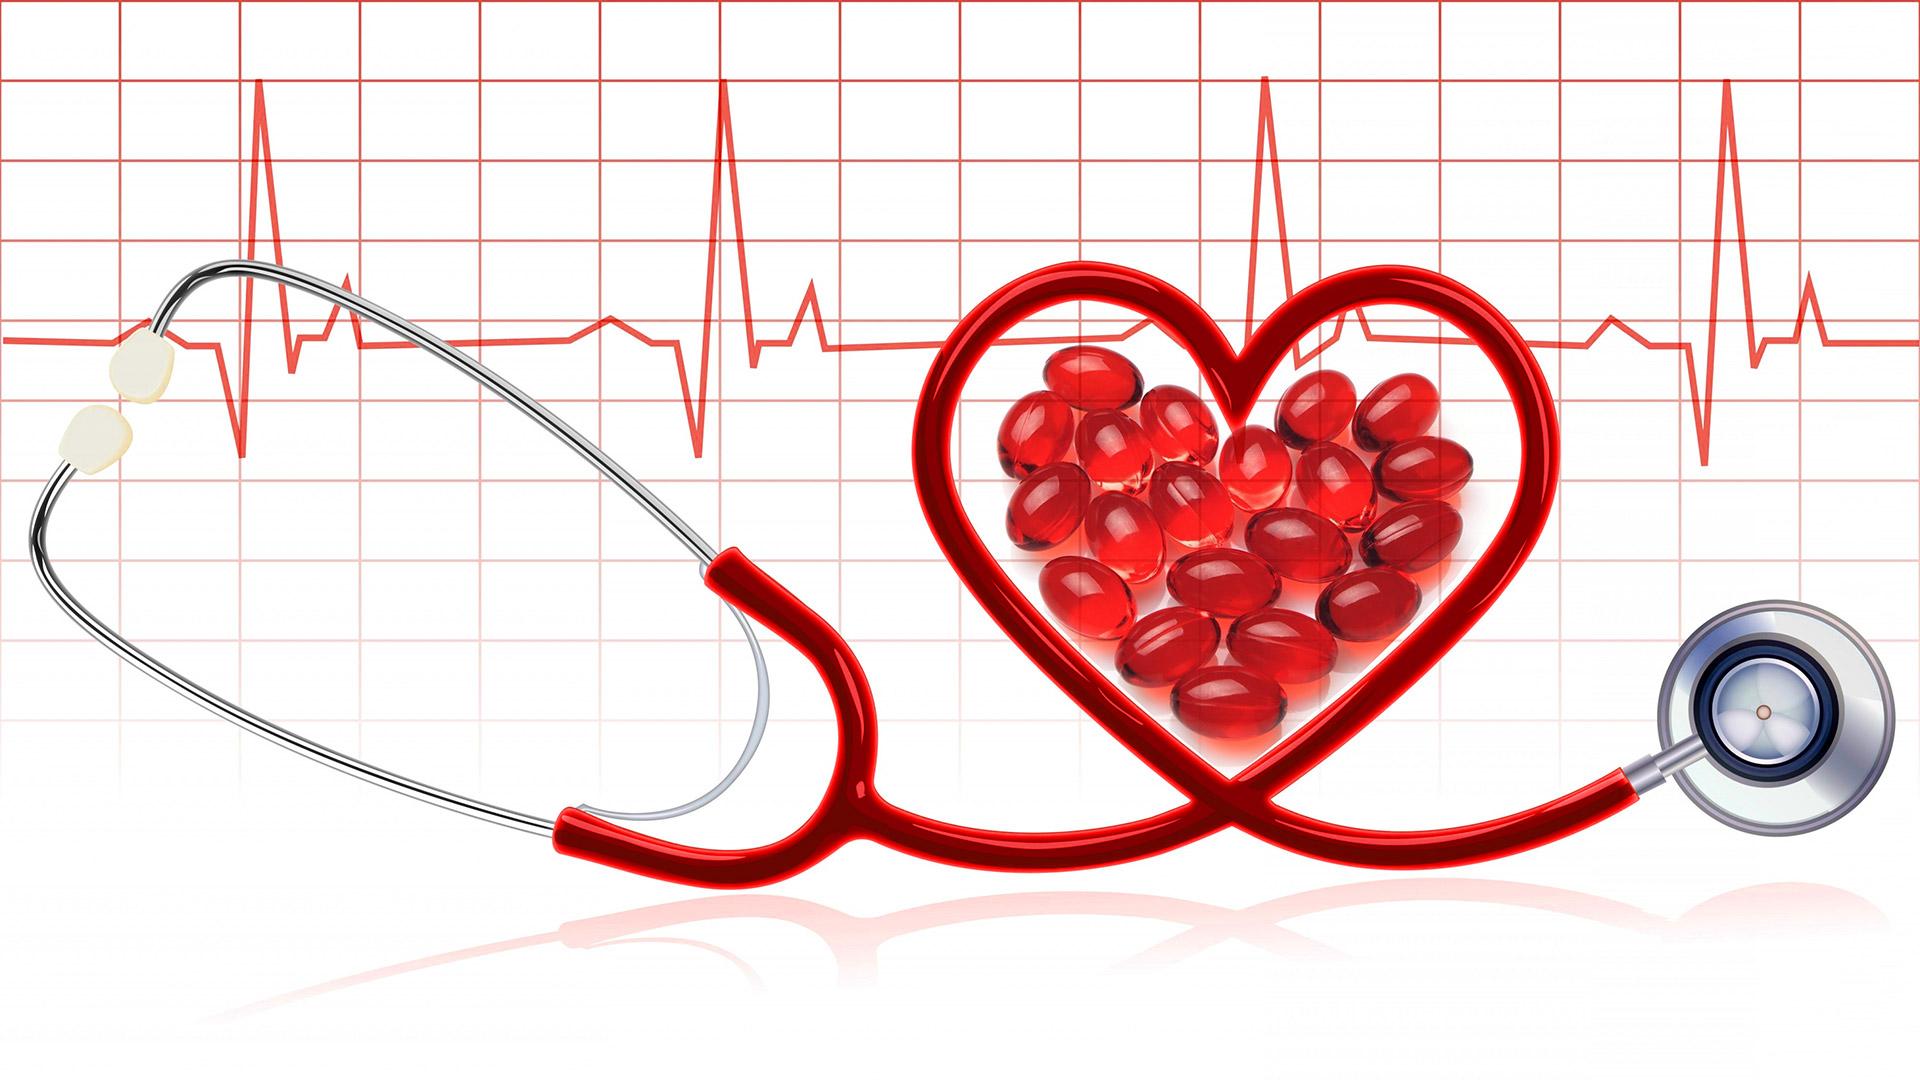 Аритмия сердца симптомы причины и лечение